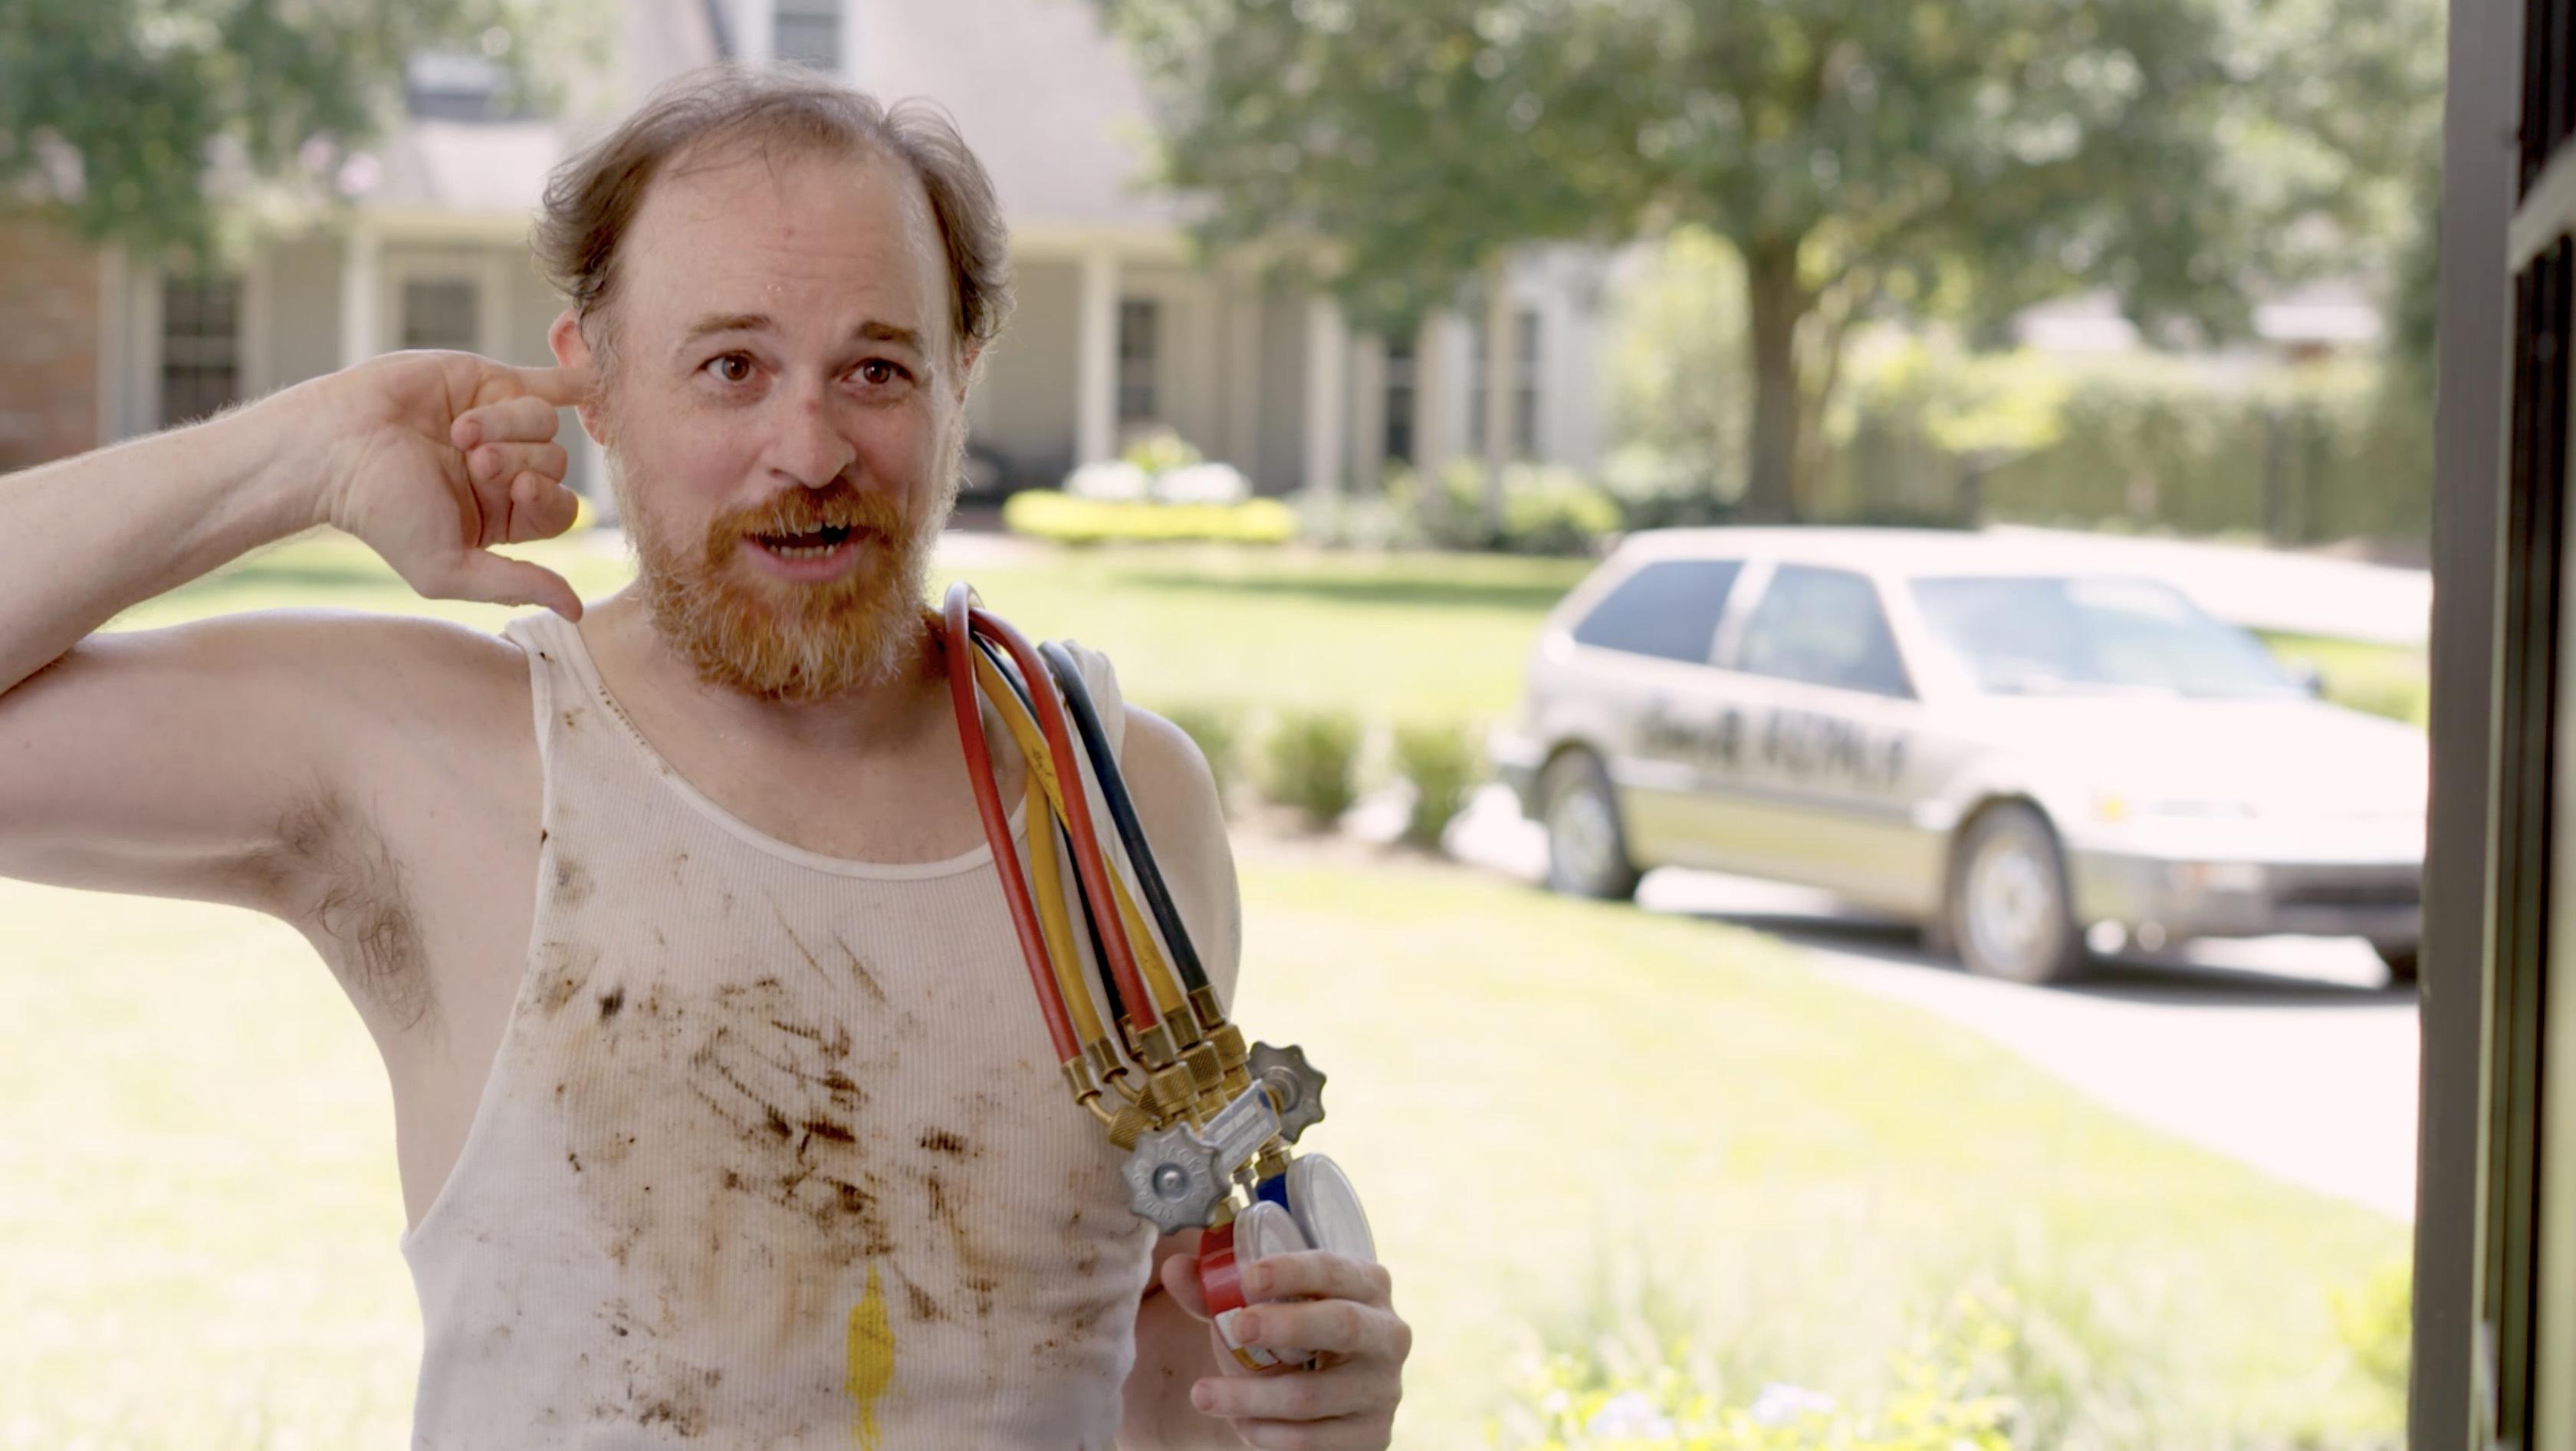 Client - Dream Team HVAC, Location - Baton Rouge, LA, Purpose - Hilarious HVAC commercial